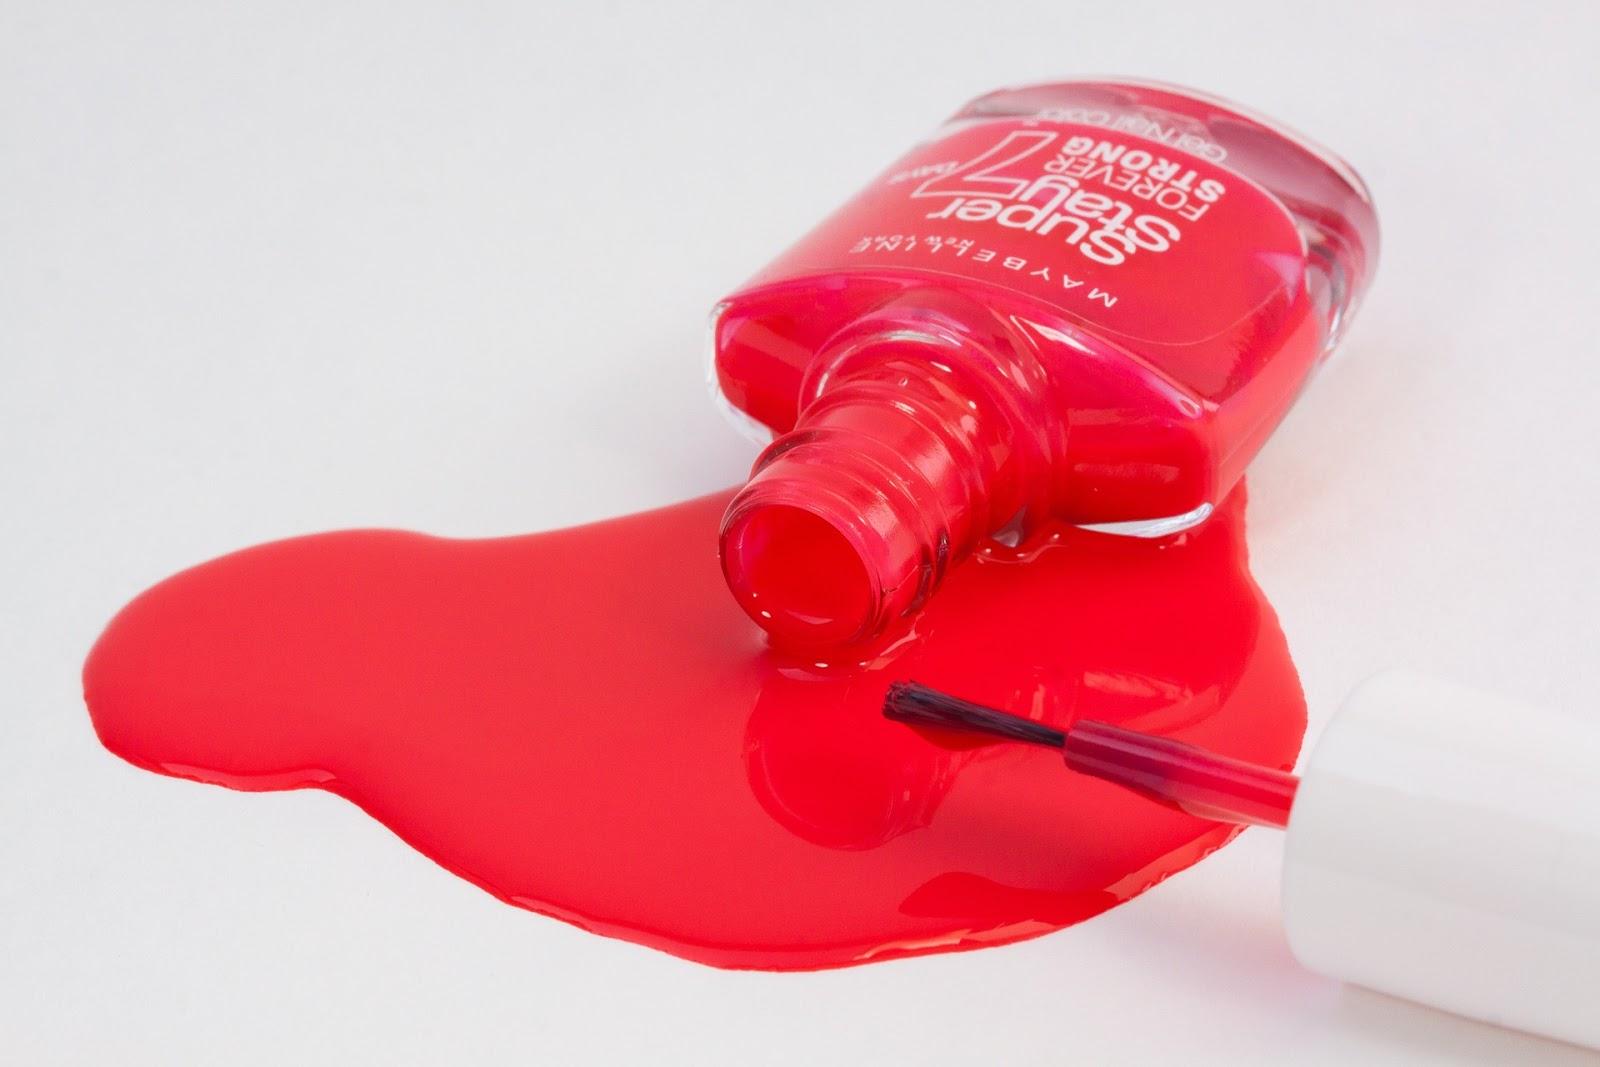 Roter Nagellack: Die schönsten Lacke in Rot | Nagellack